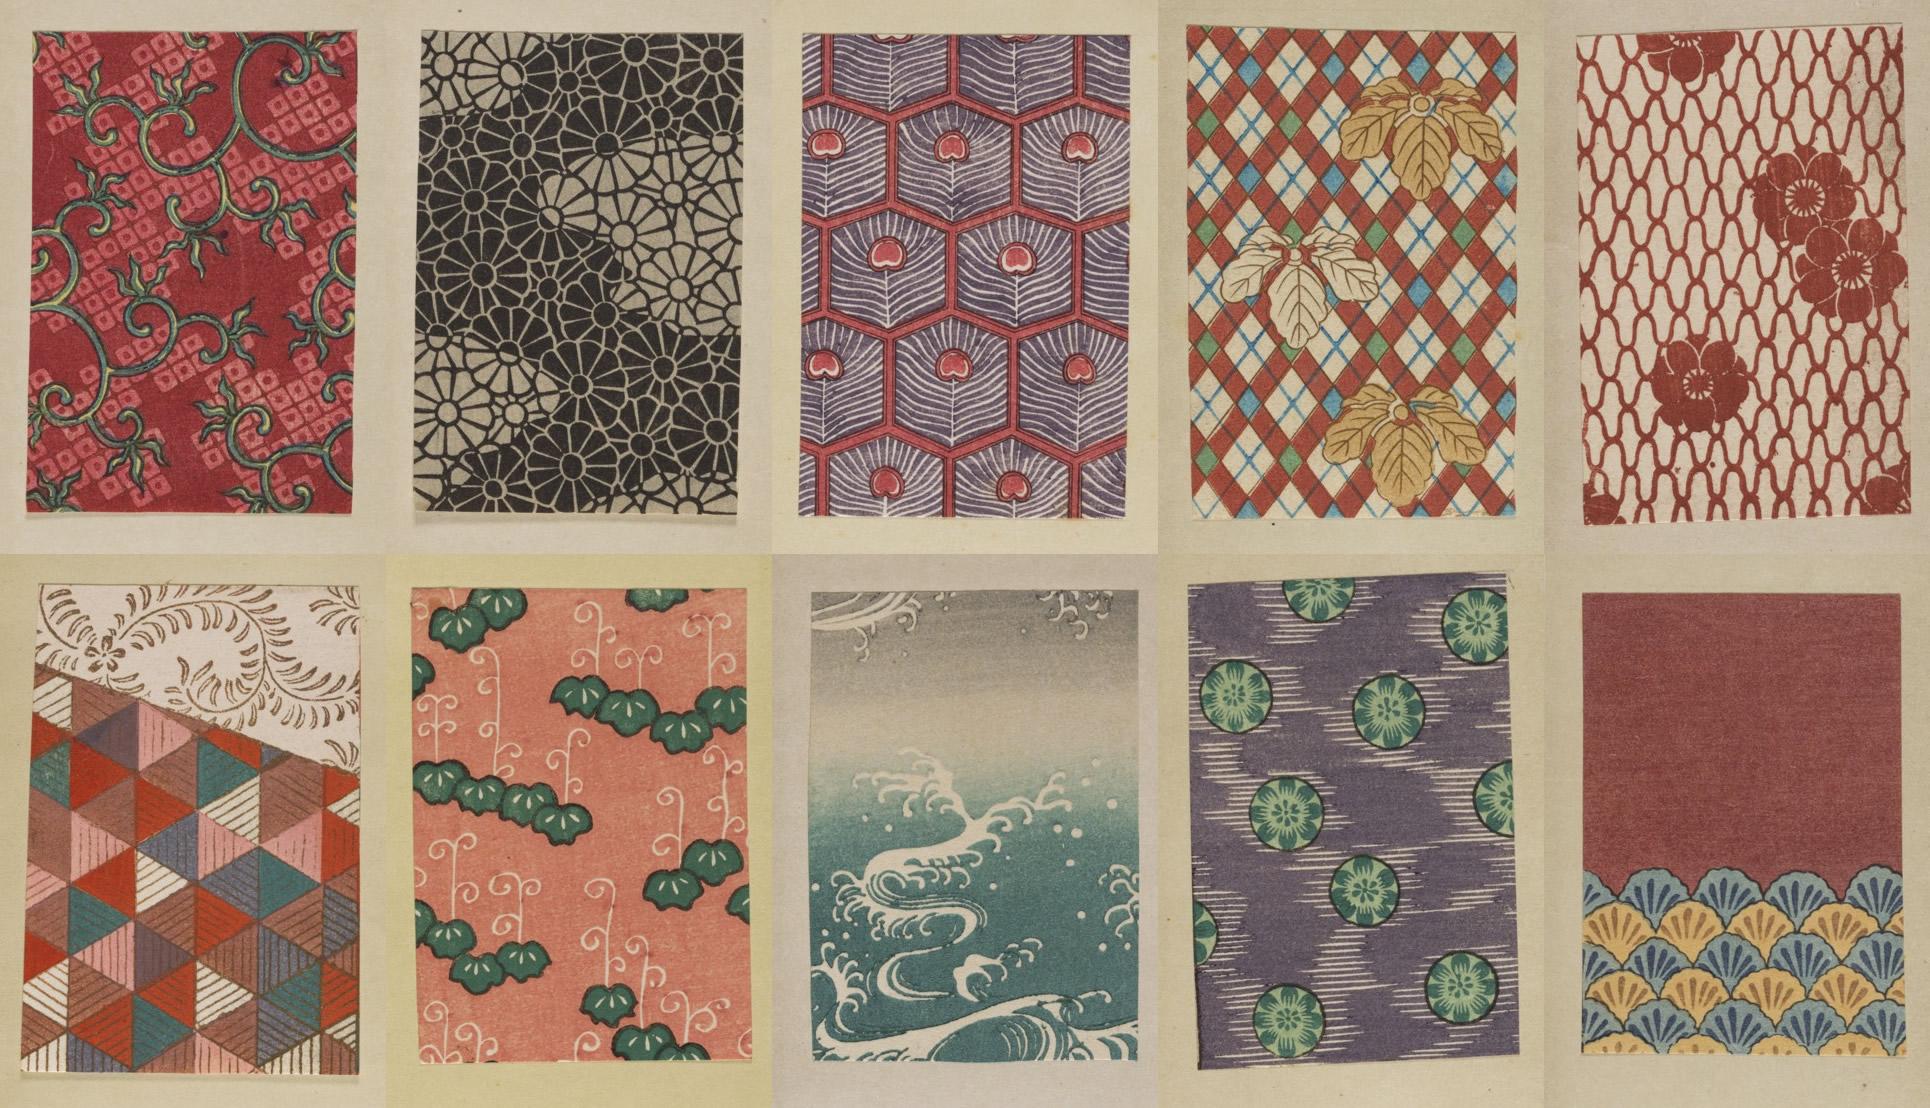 Tesori d'archivio: i pattern delle stampe Ukiyo-e